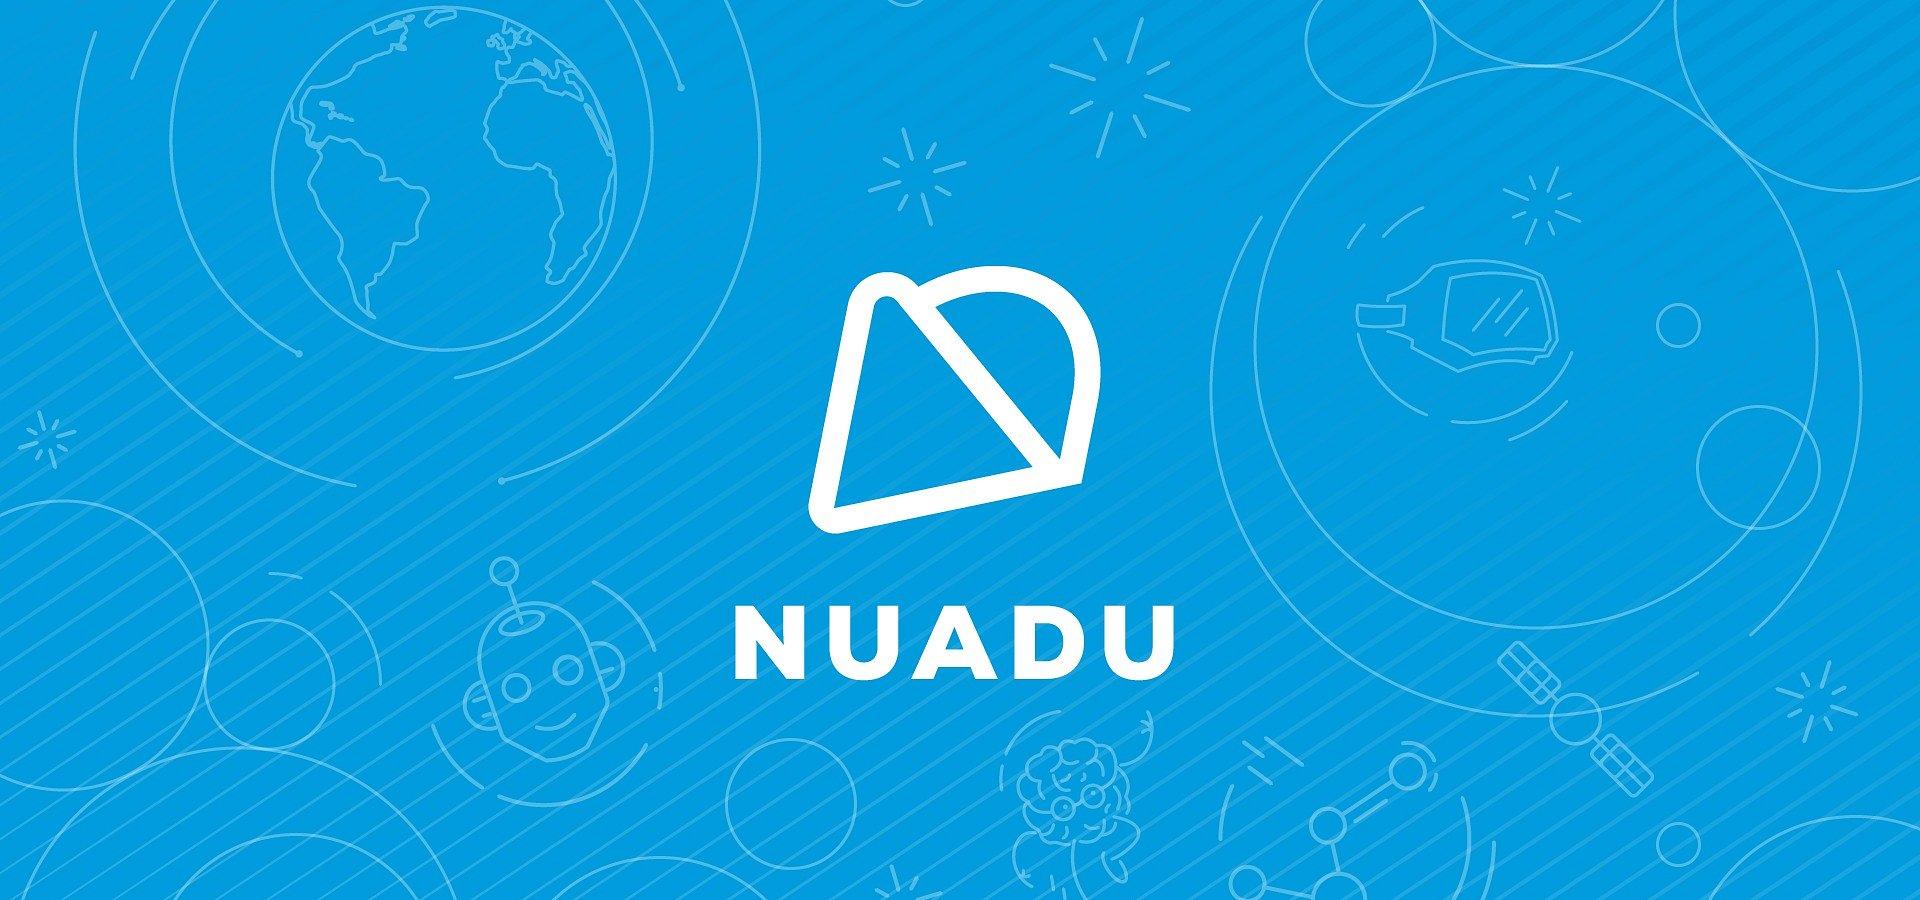 NUADU rozwiąże problem edukacji dzięki sztucznej inteligencji oraz grantowi z Narodowego Centrum Badań i Rozwoju